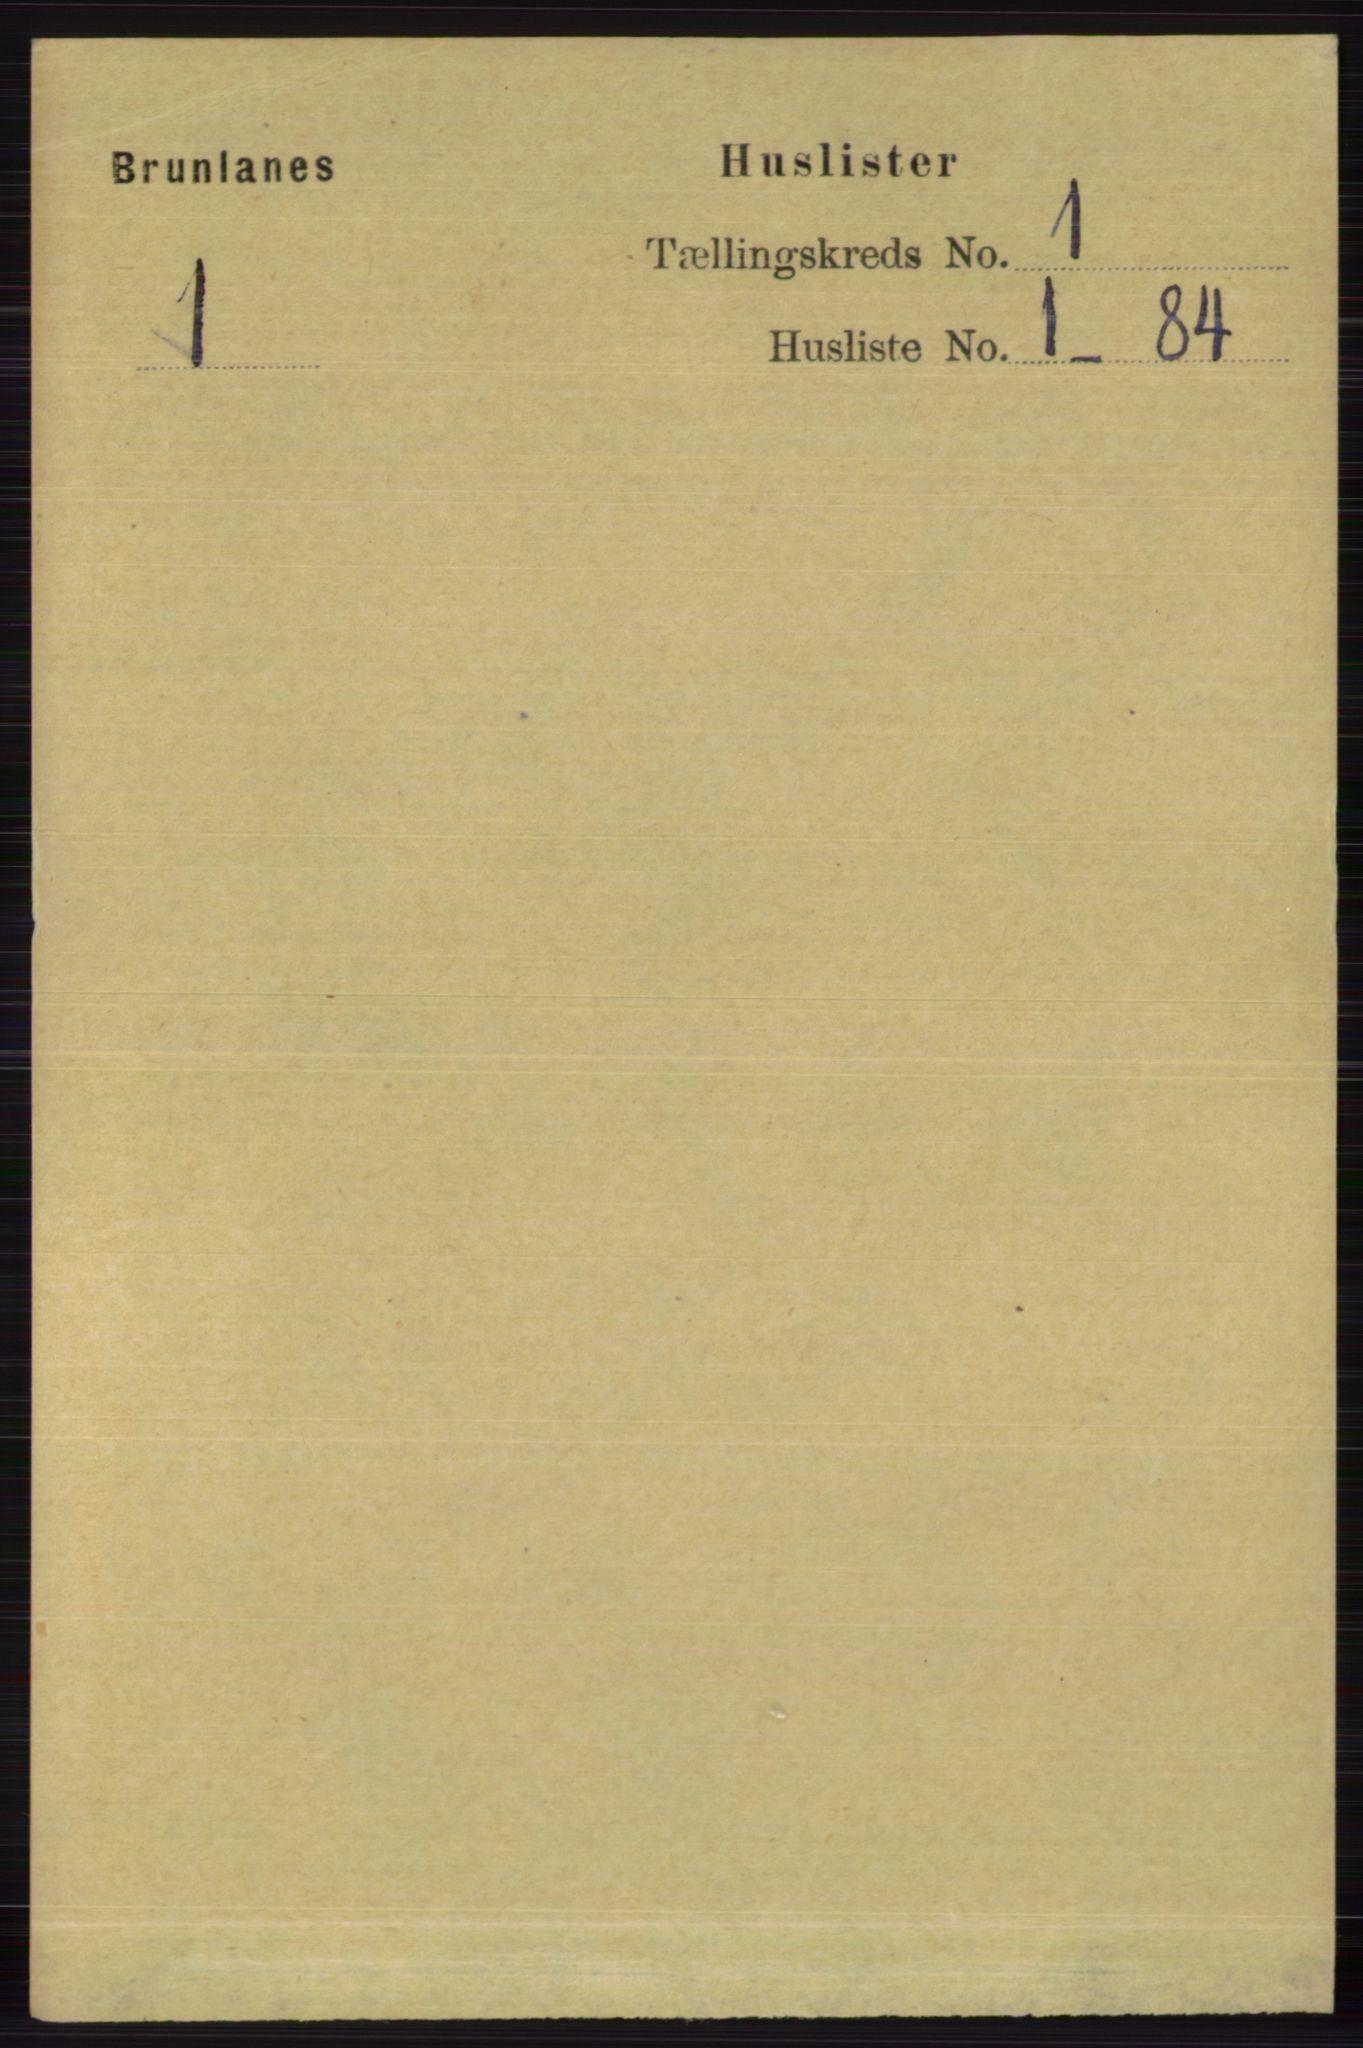 RA, Folketelling 1891 for 0726 Brunlanes herred, 1891, s. 35